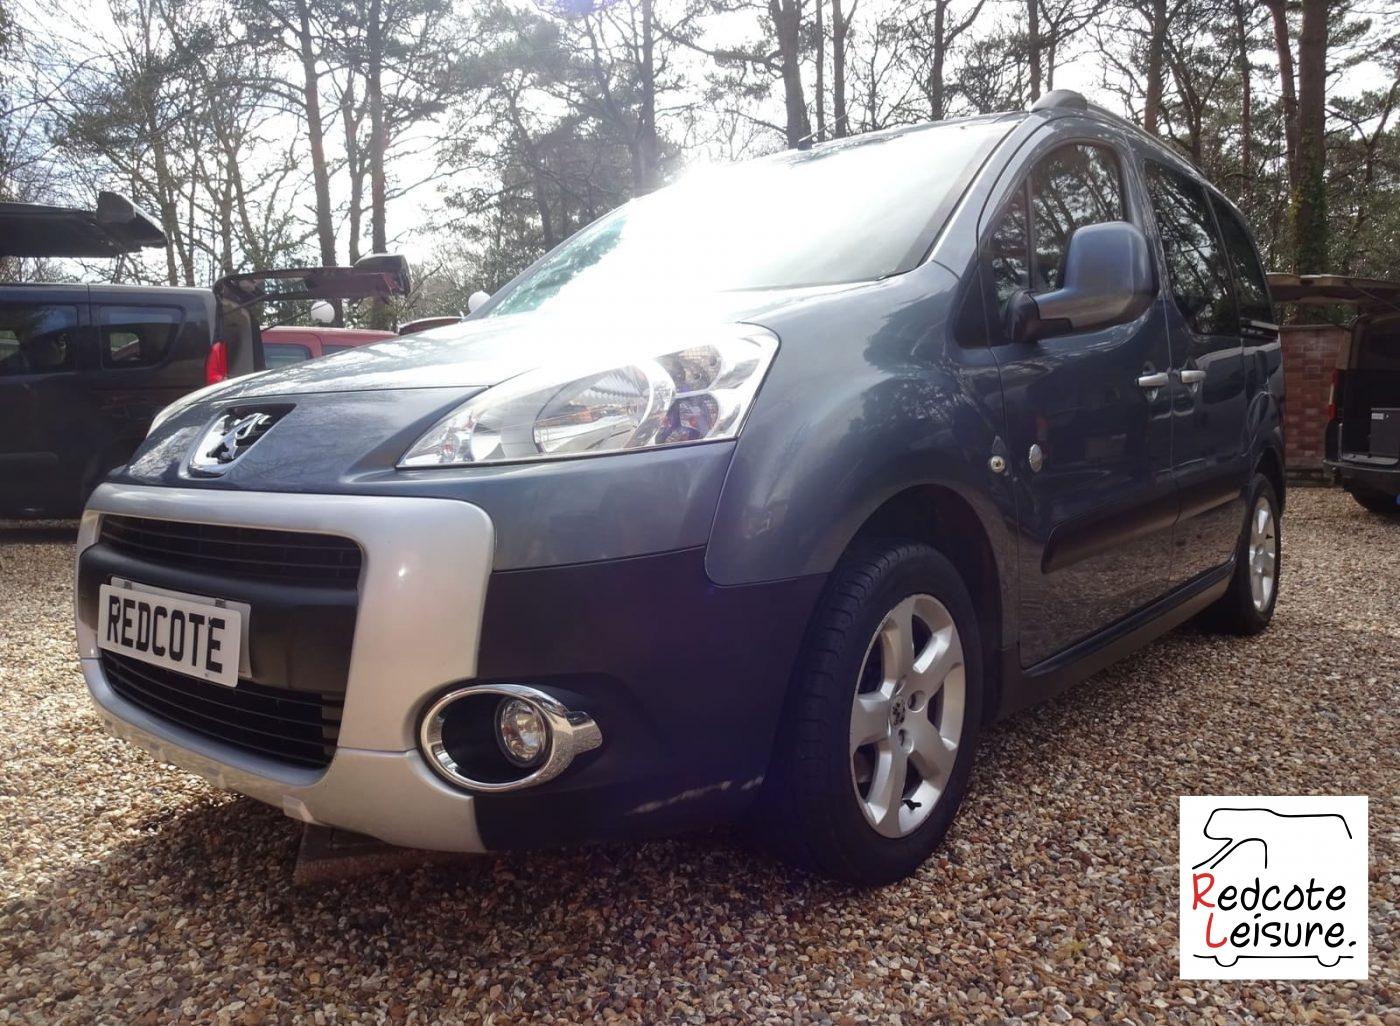 2012 Peugeot Partner Outdoor (17)